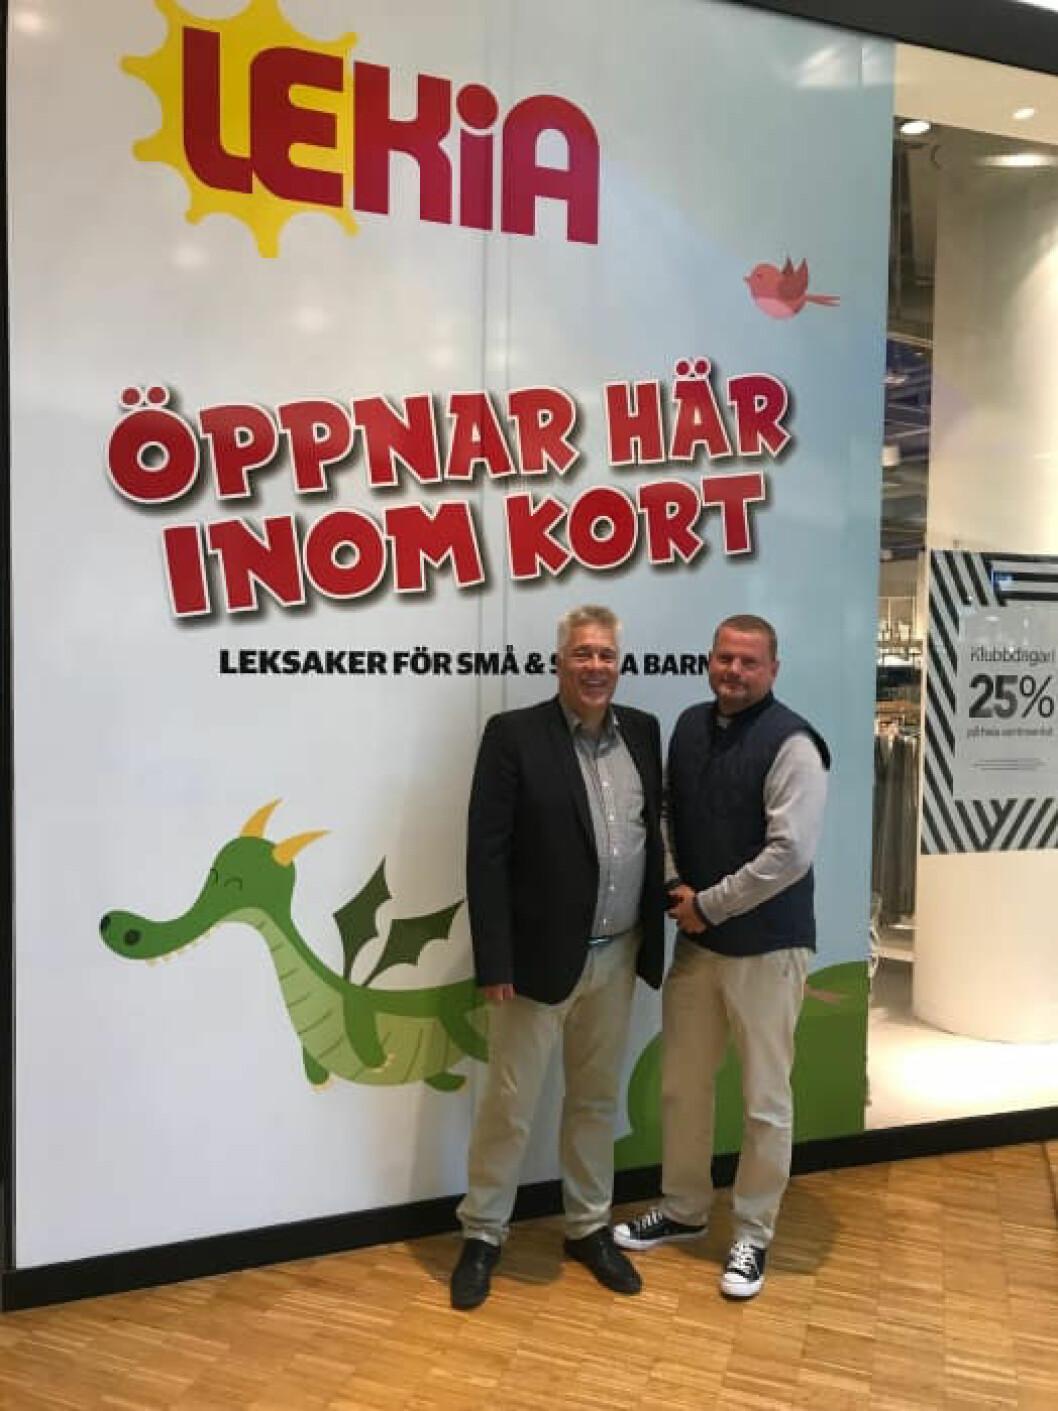 Ny og gammel ledelse. Thomas Axell til venstre, Baldvin Georgsson til høyre. (Foto: Lekia)